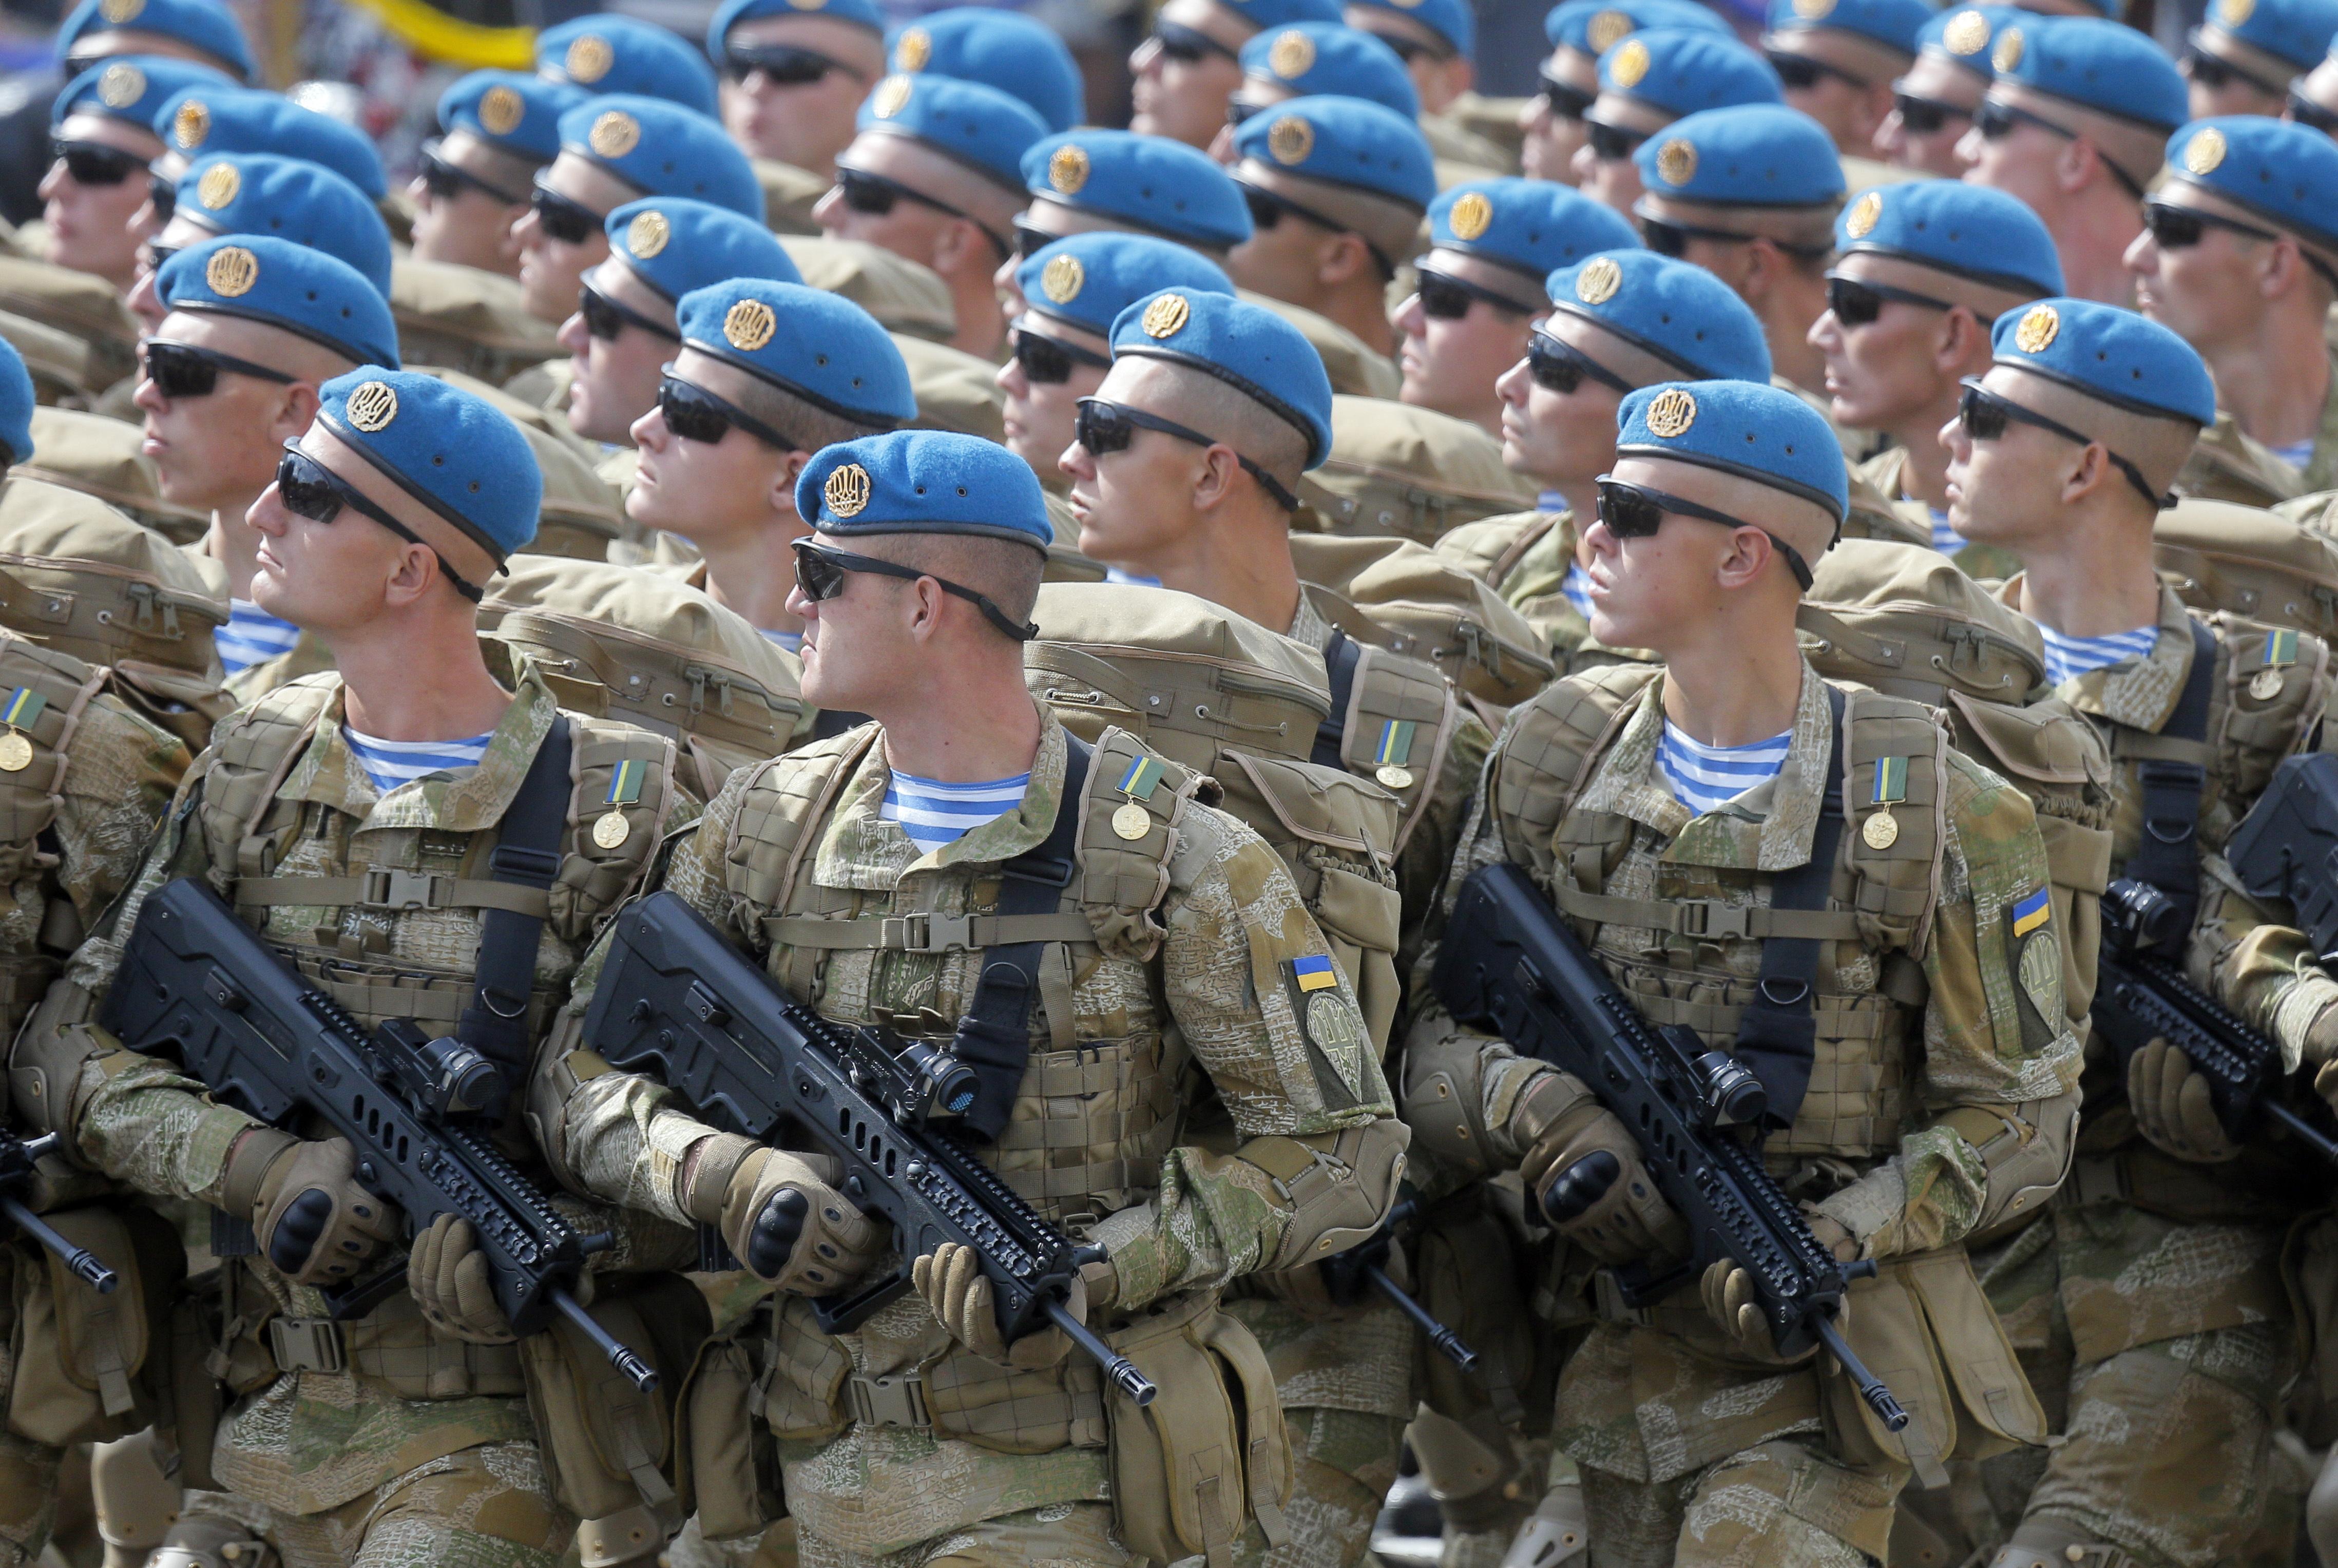 Războiul-din-Donbass-o-amenințare-pentru-securitatea-europeană